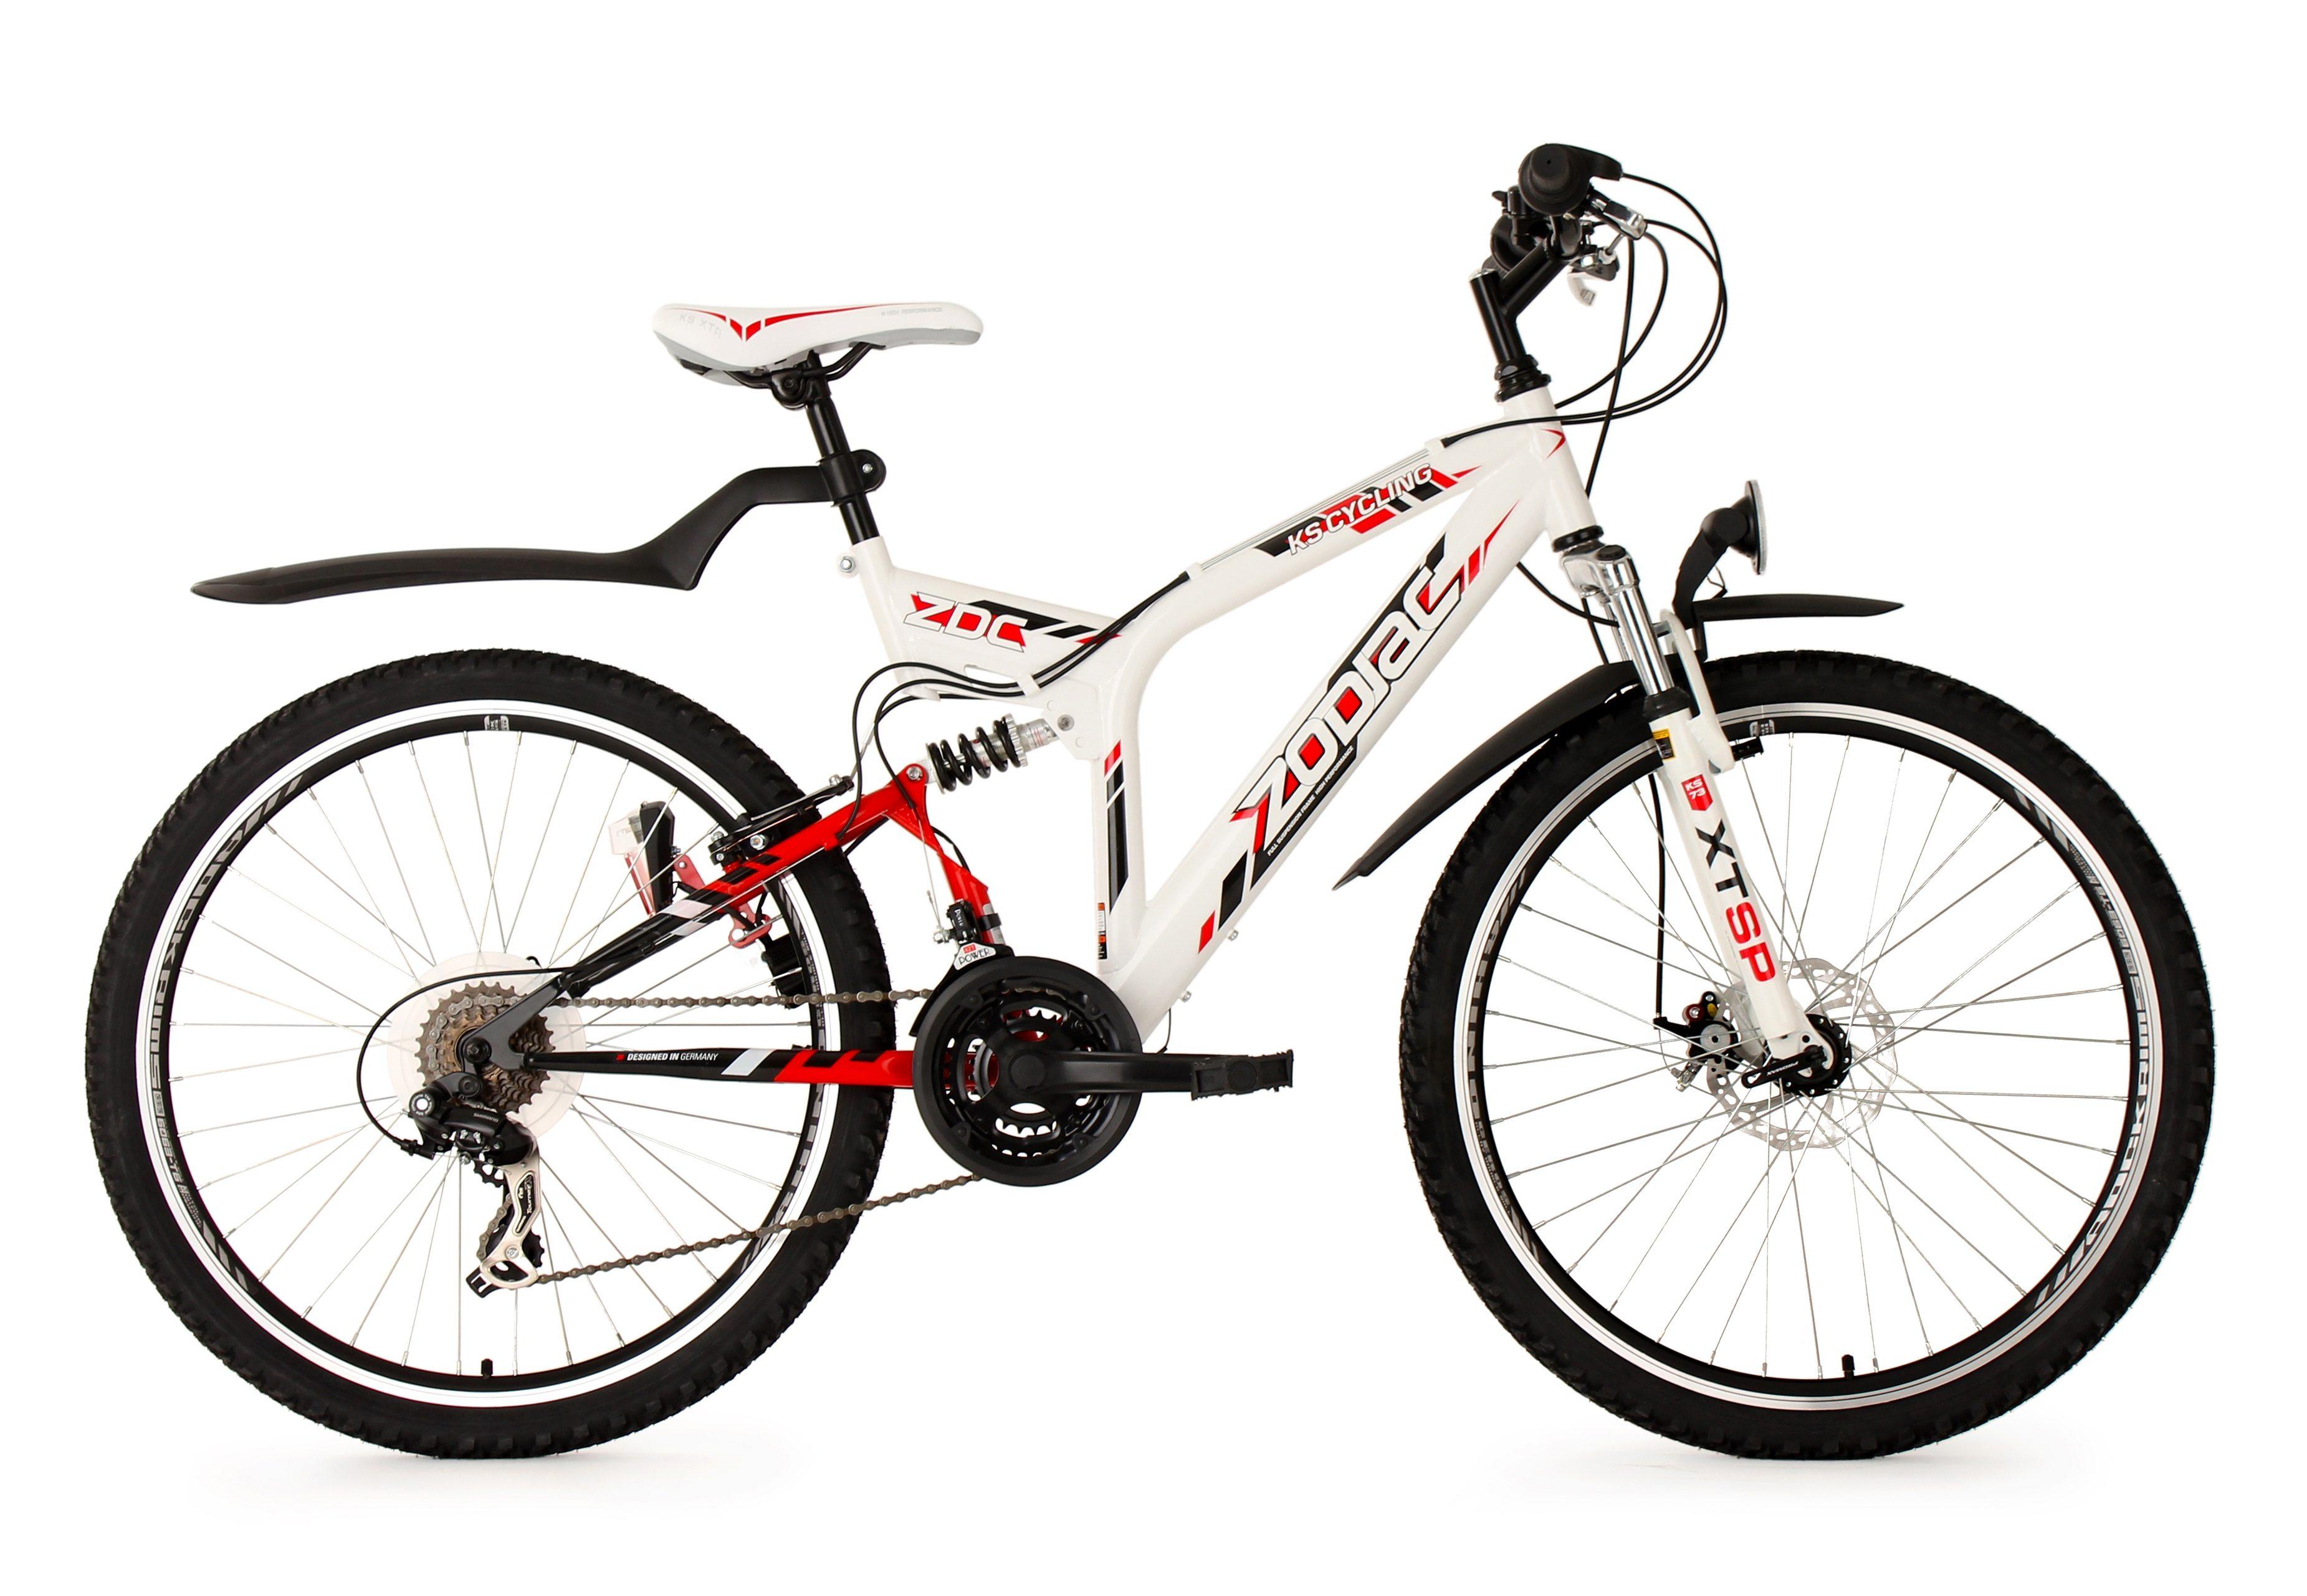 Fully-Mountainbike, 26 Zoll, SHIMANO 21 Gang Kettenschaltung, weiß-rot, »Zodiac«, KS Cycling